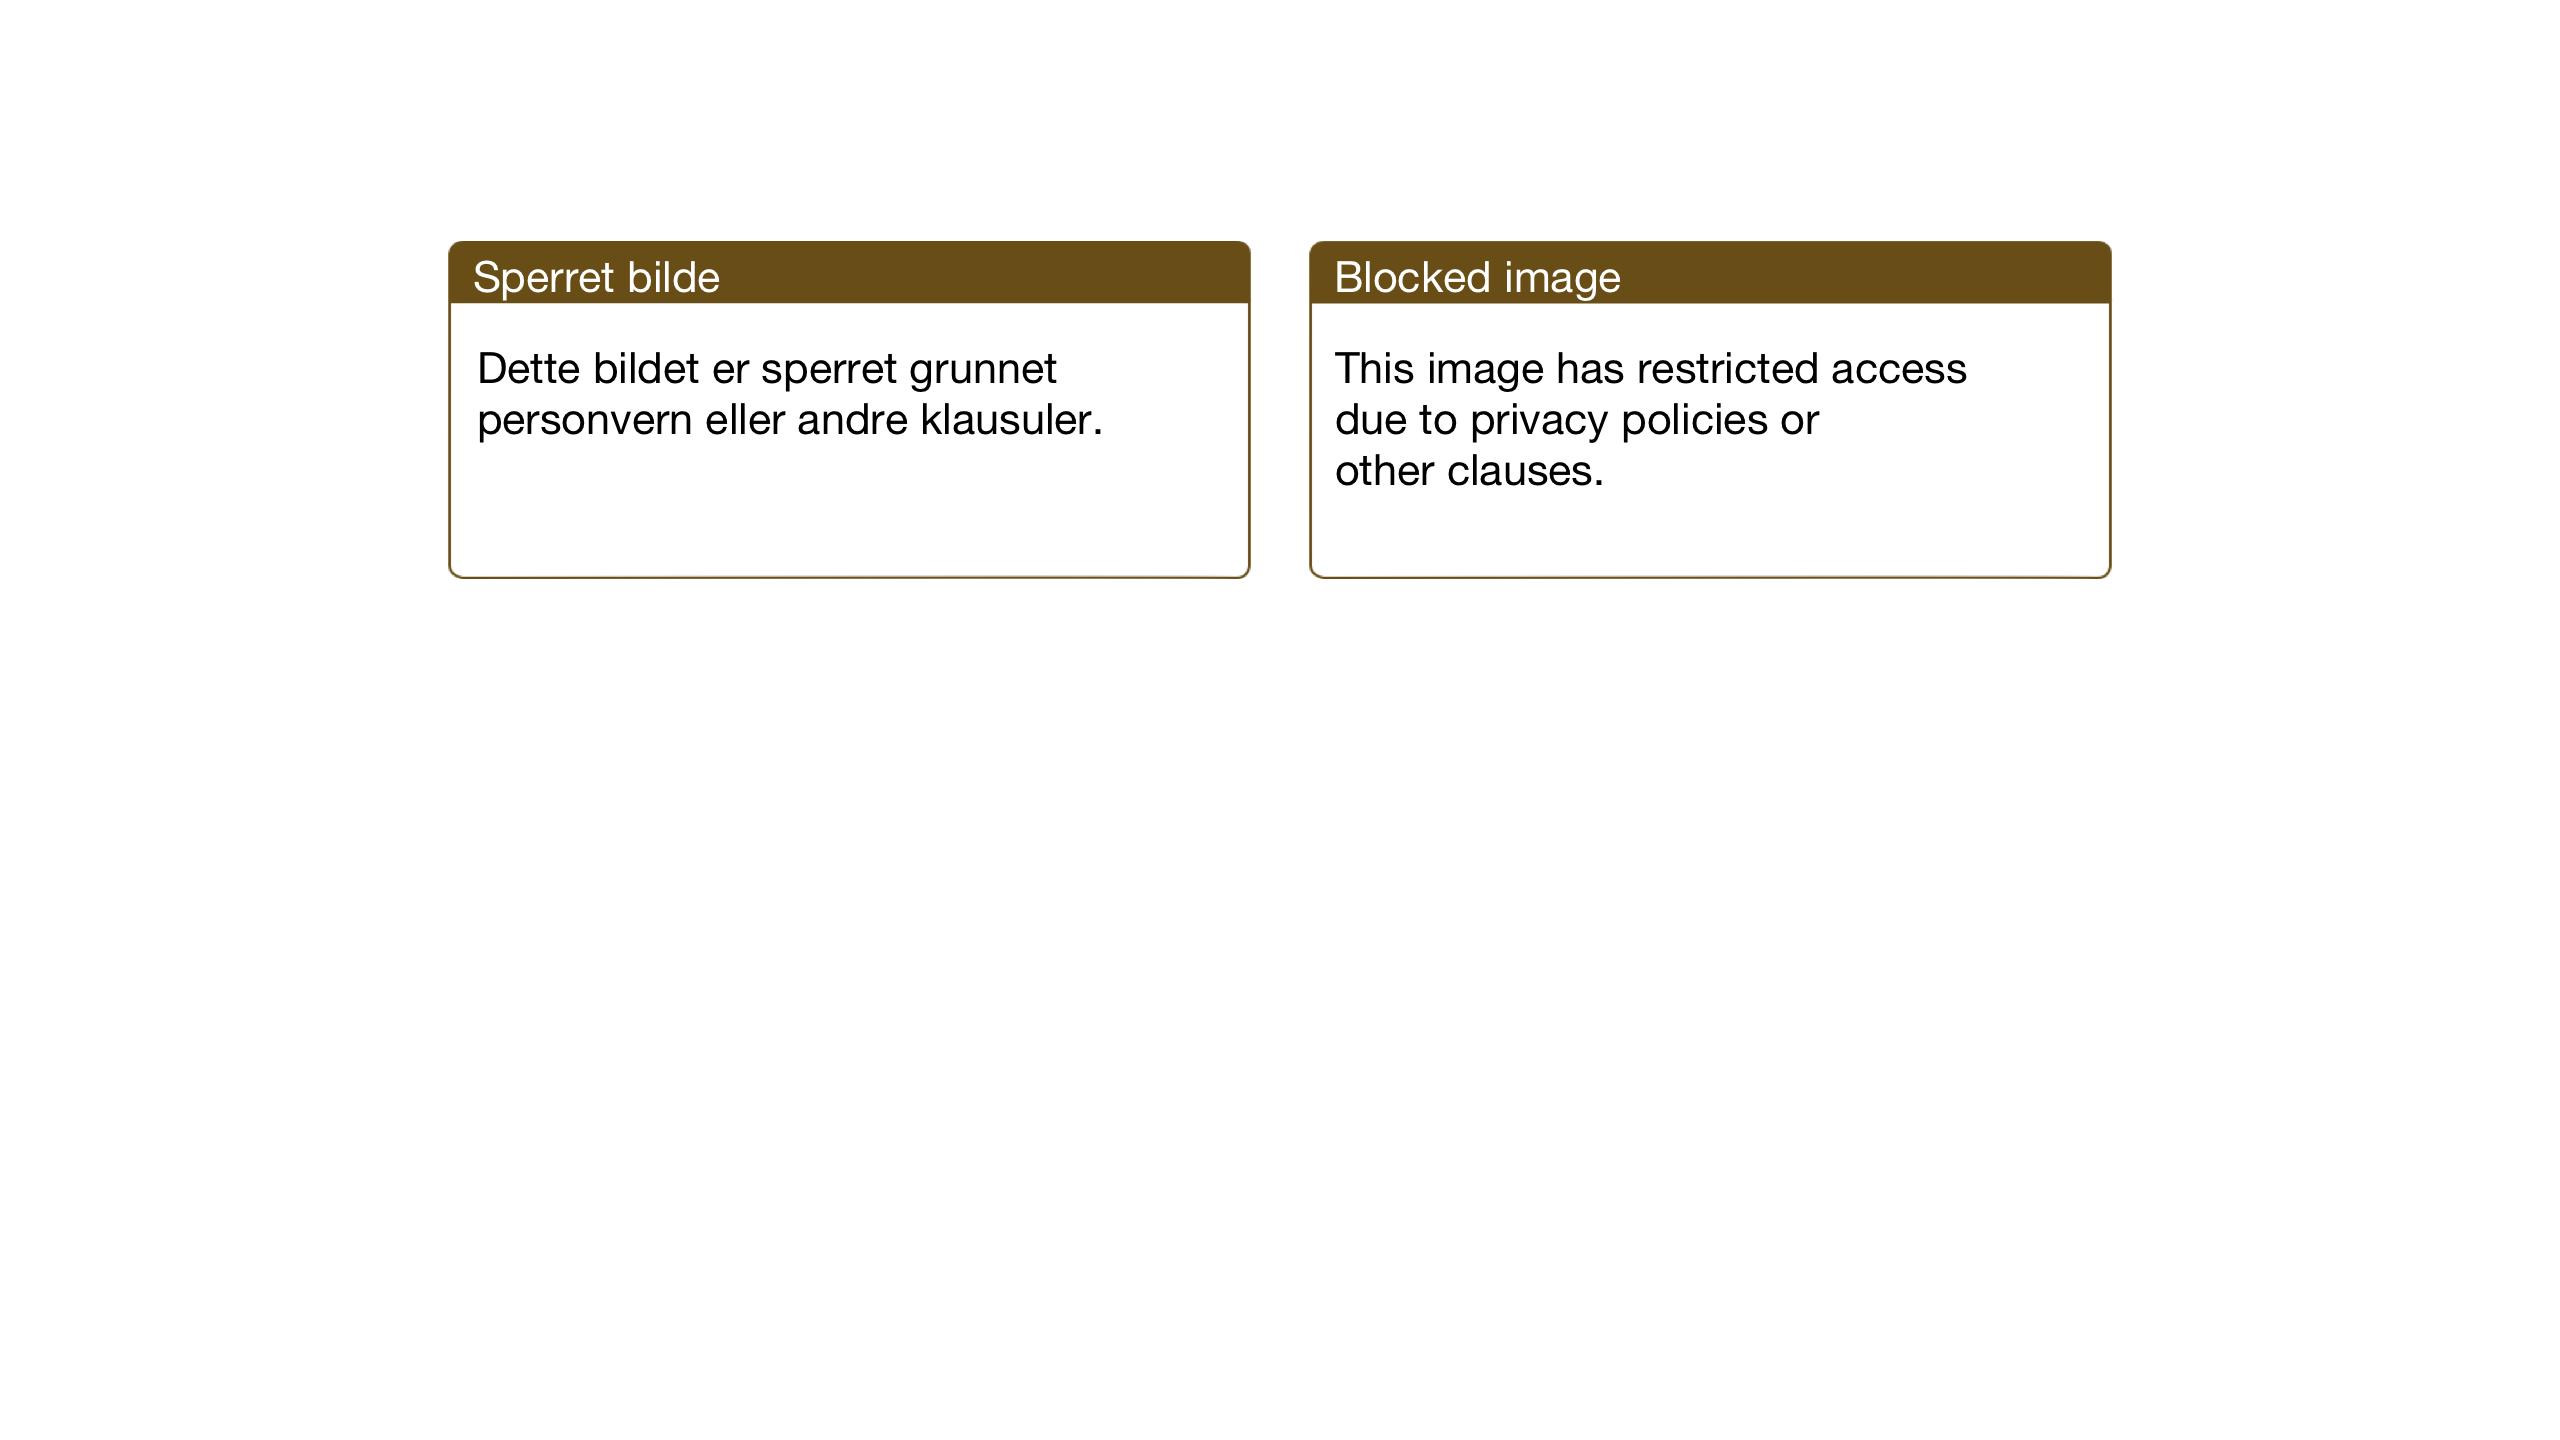 SAT, Ministerialprotokoller, klokkerbøker og fødselsregistre - Nord-Trøndelag, 721/L0209: Klokkerbok nr. 721C02, 1918-1940, s. 54